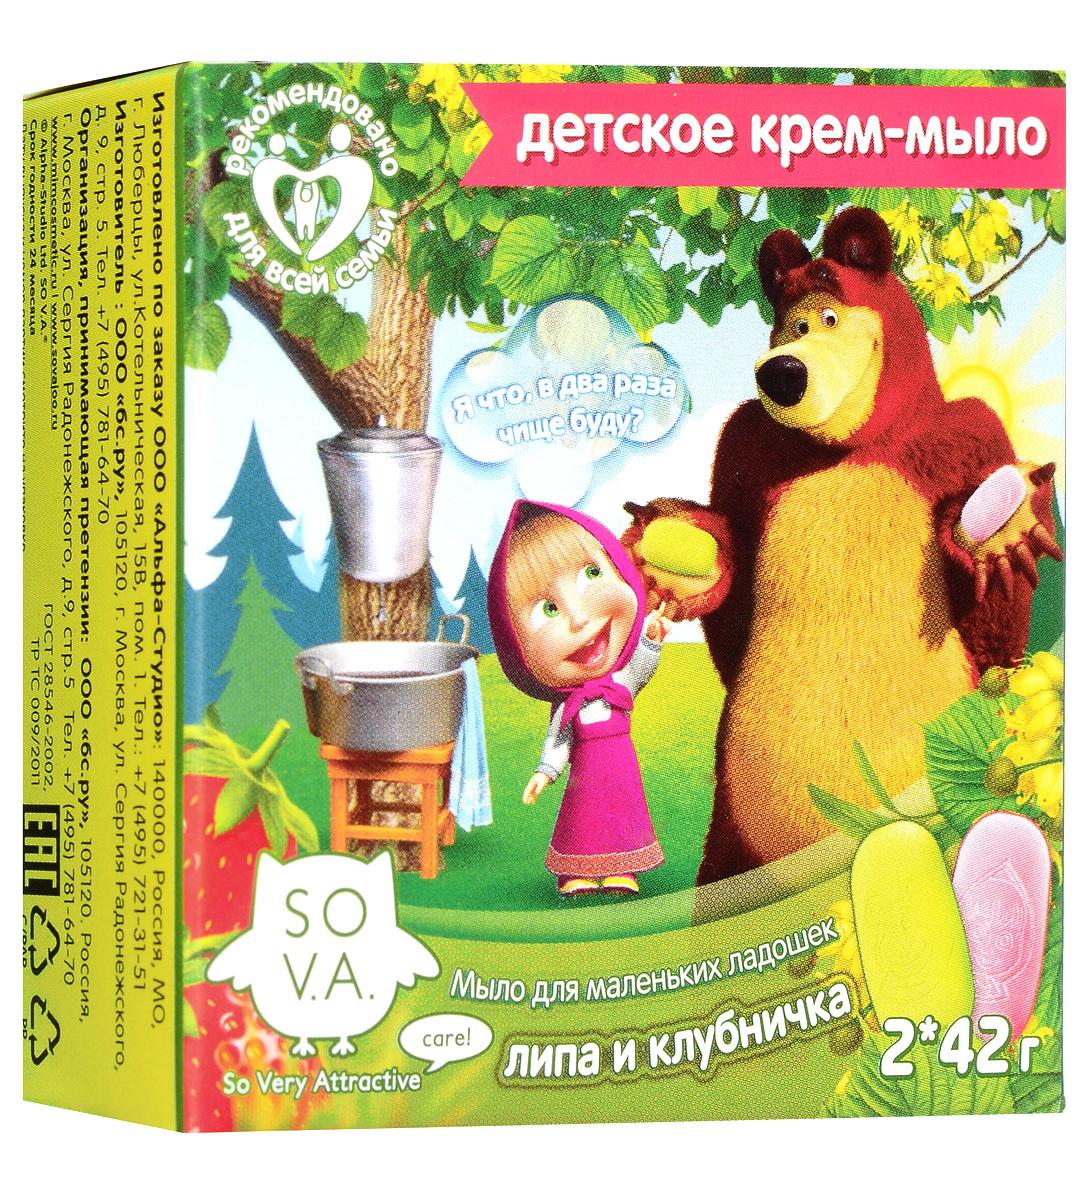 Маша и Медведь Детское крем-мыло, с экстрактом липы и клубники, 2 х 42 г